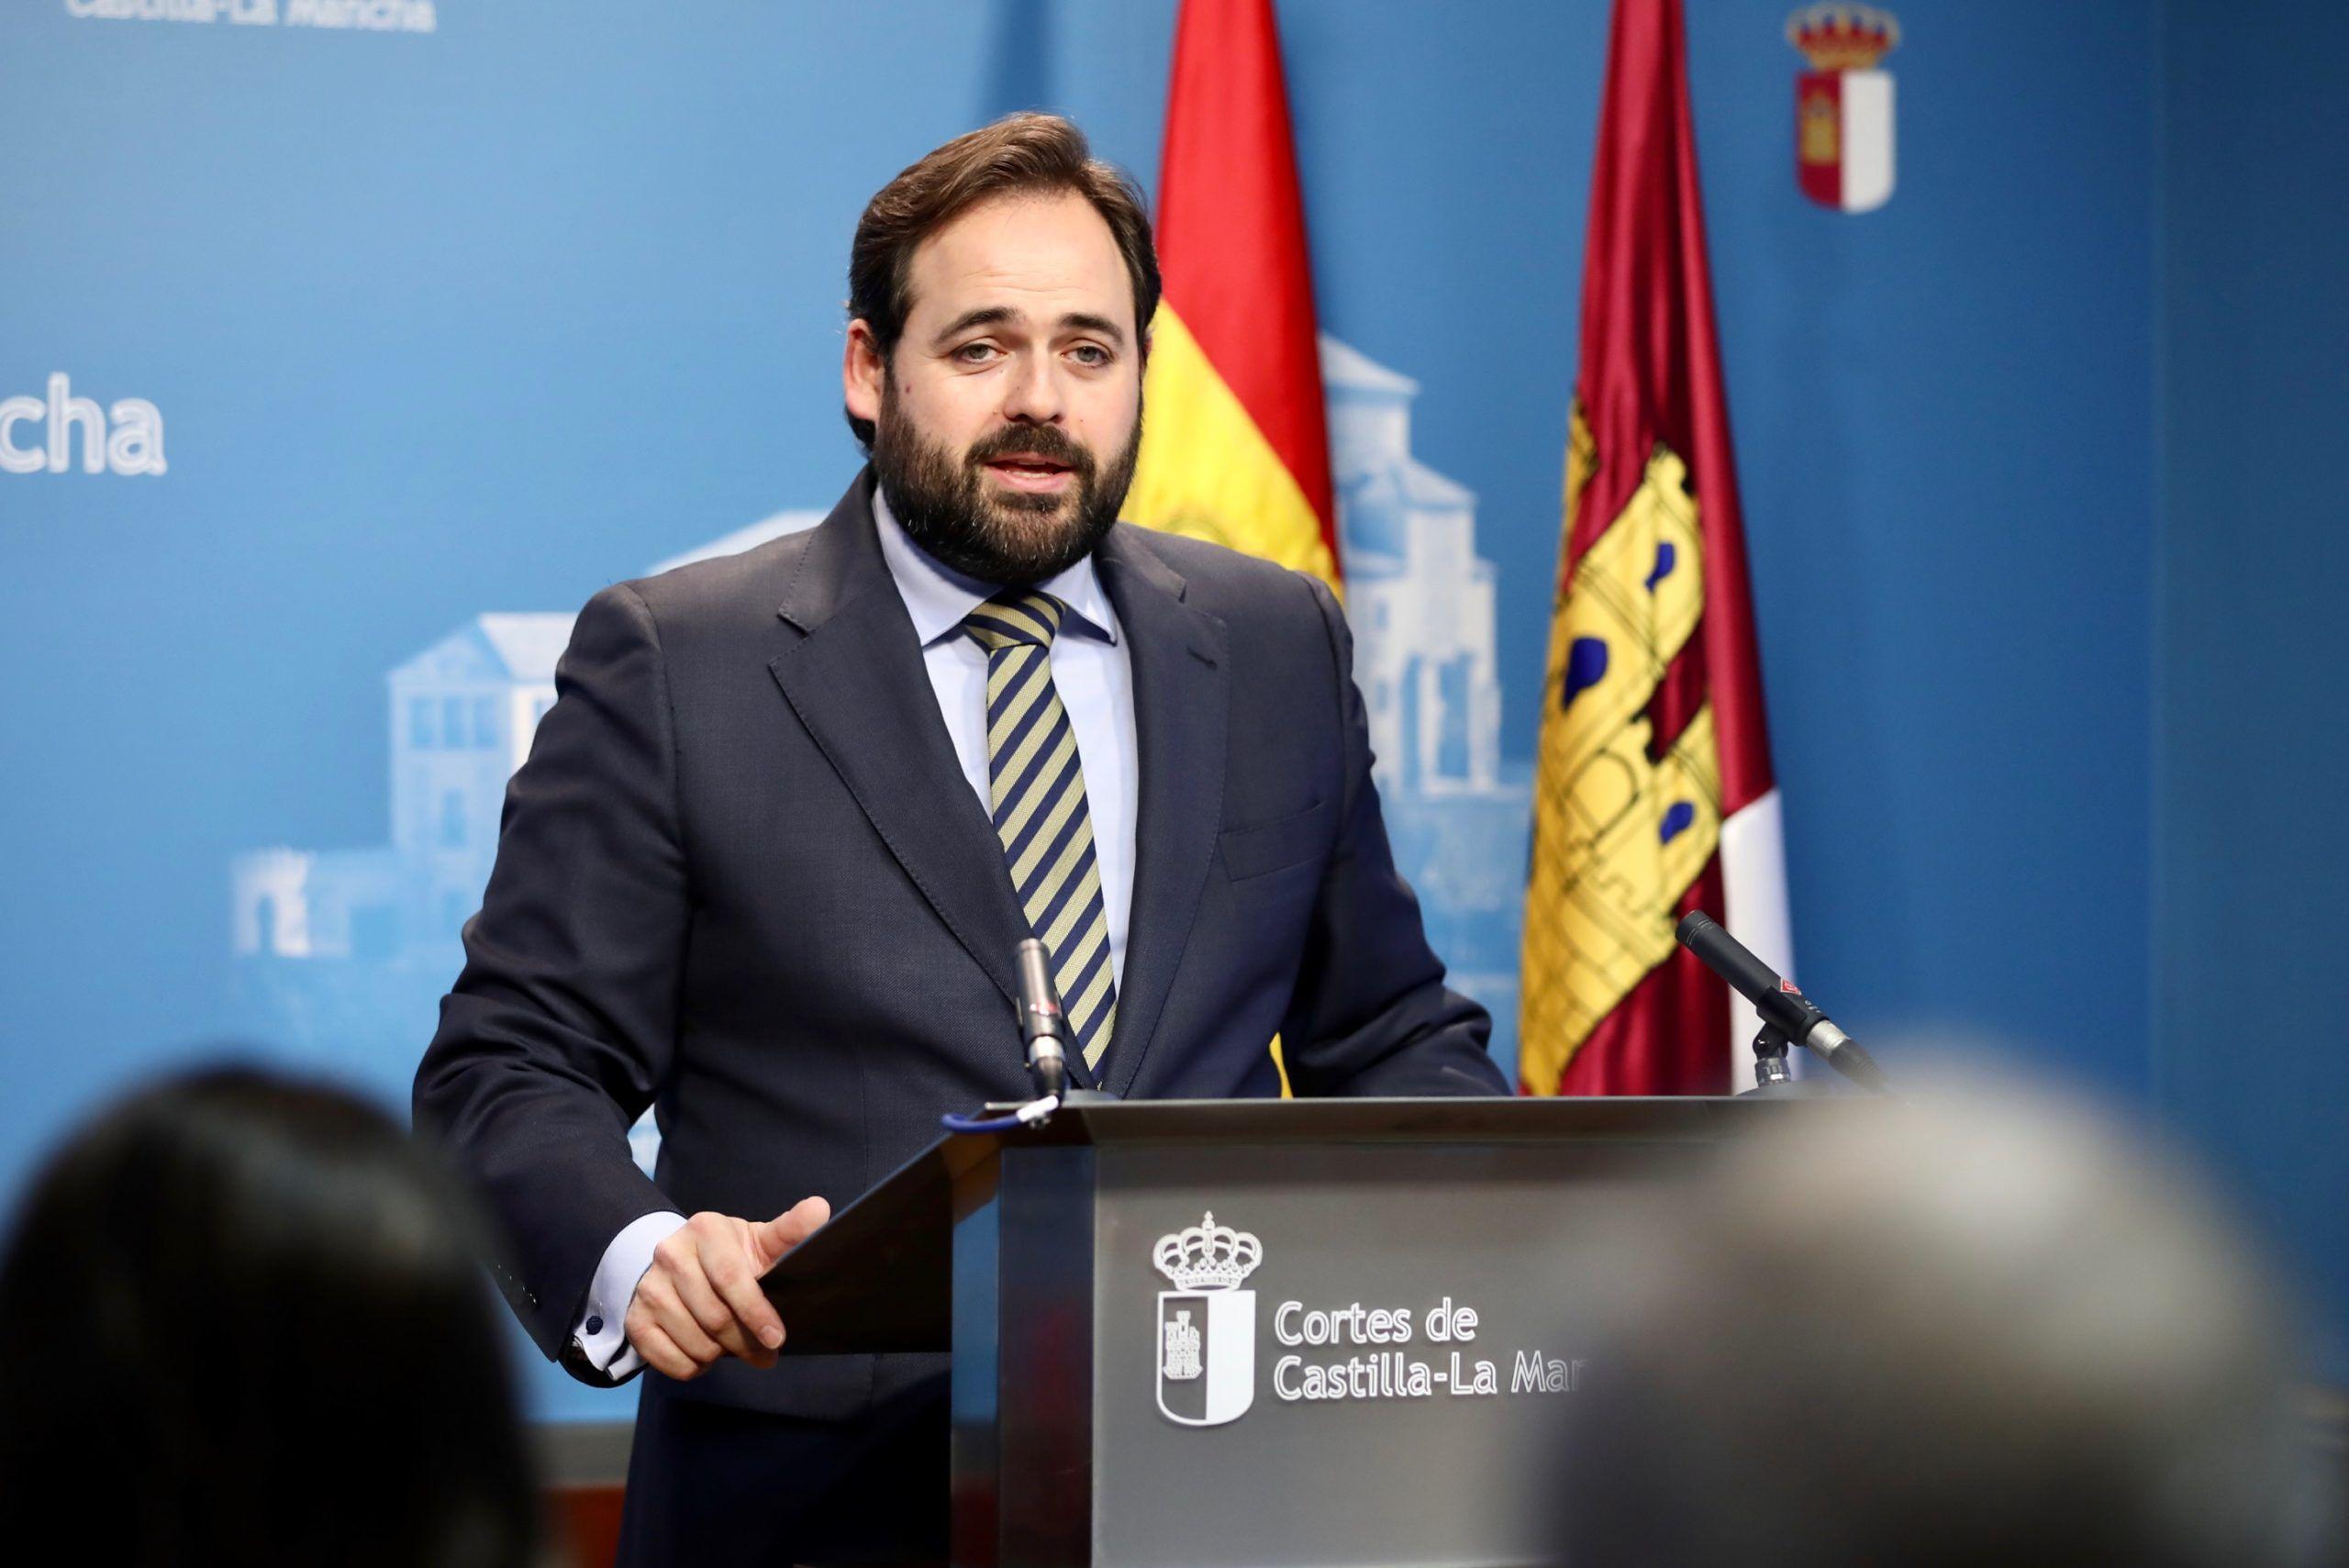 Núñez pide a Page que solicite ayuda al Ejército para que colabore con el personal de las residencias de mayores a sacar adelante la gestión de la pandemia